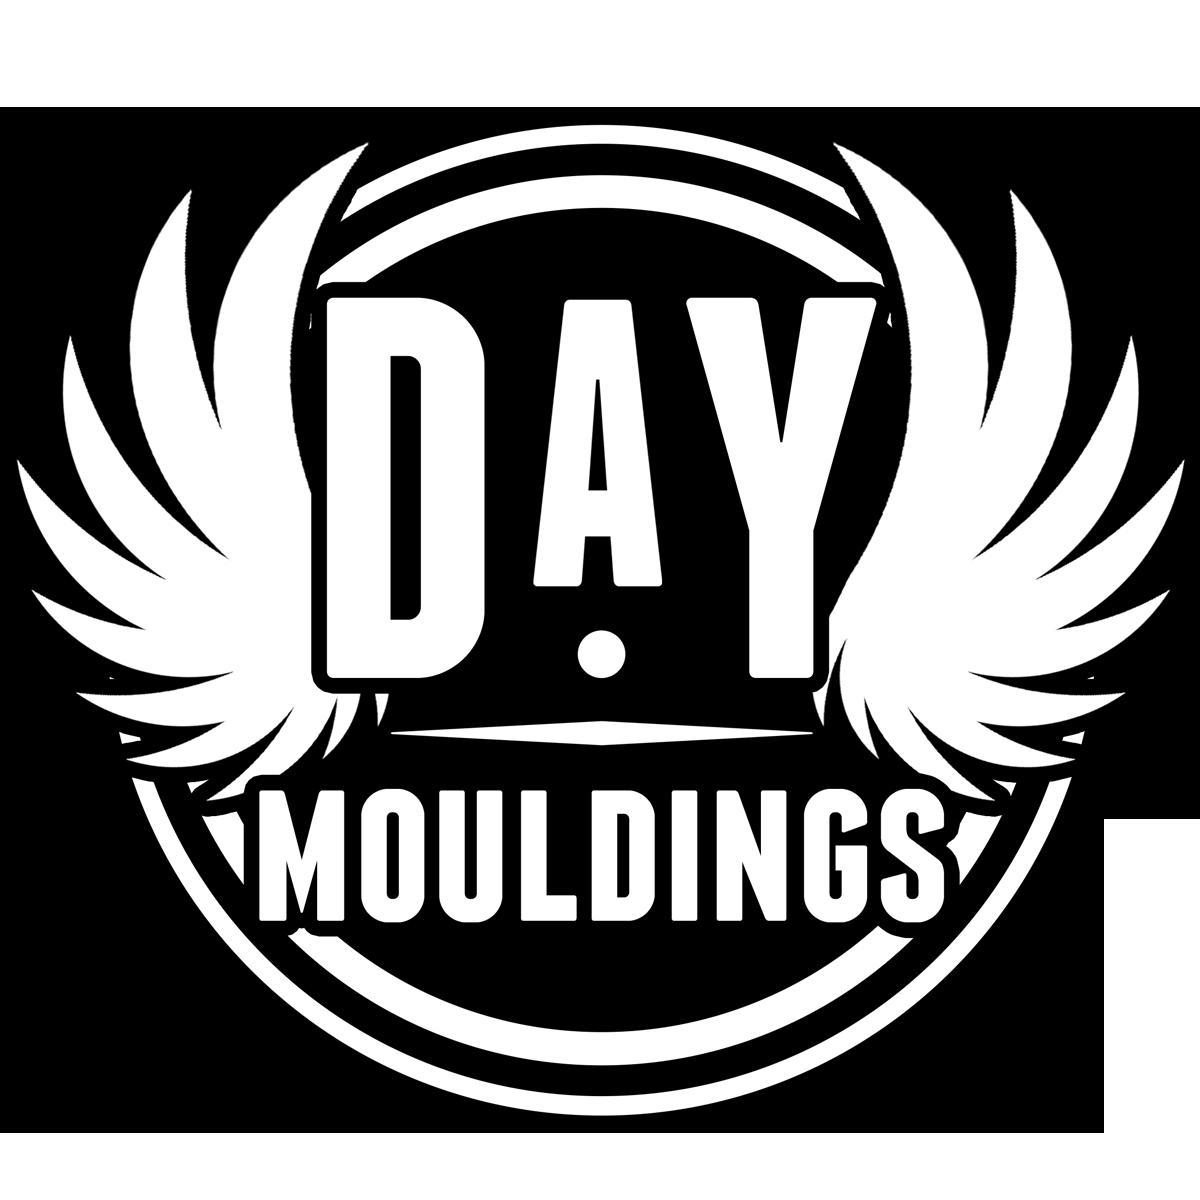 www.daymouldings.co.uk